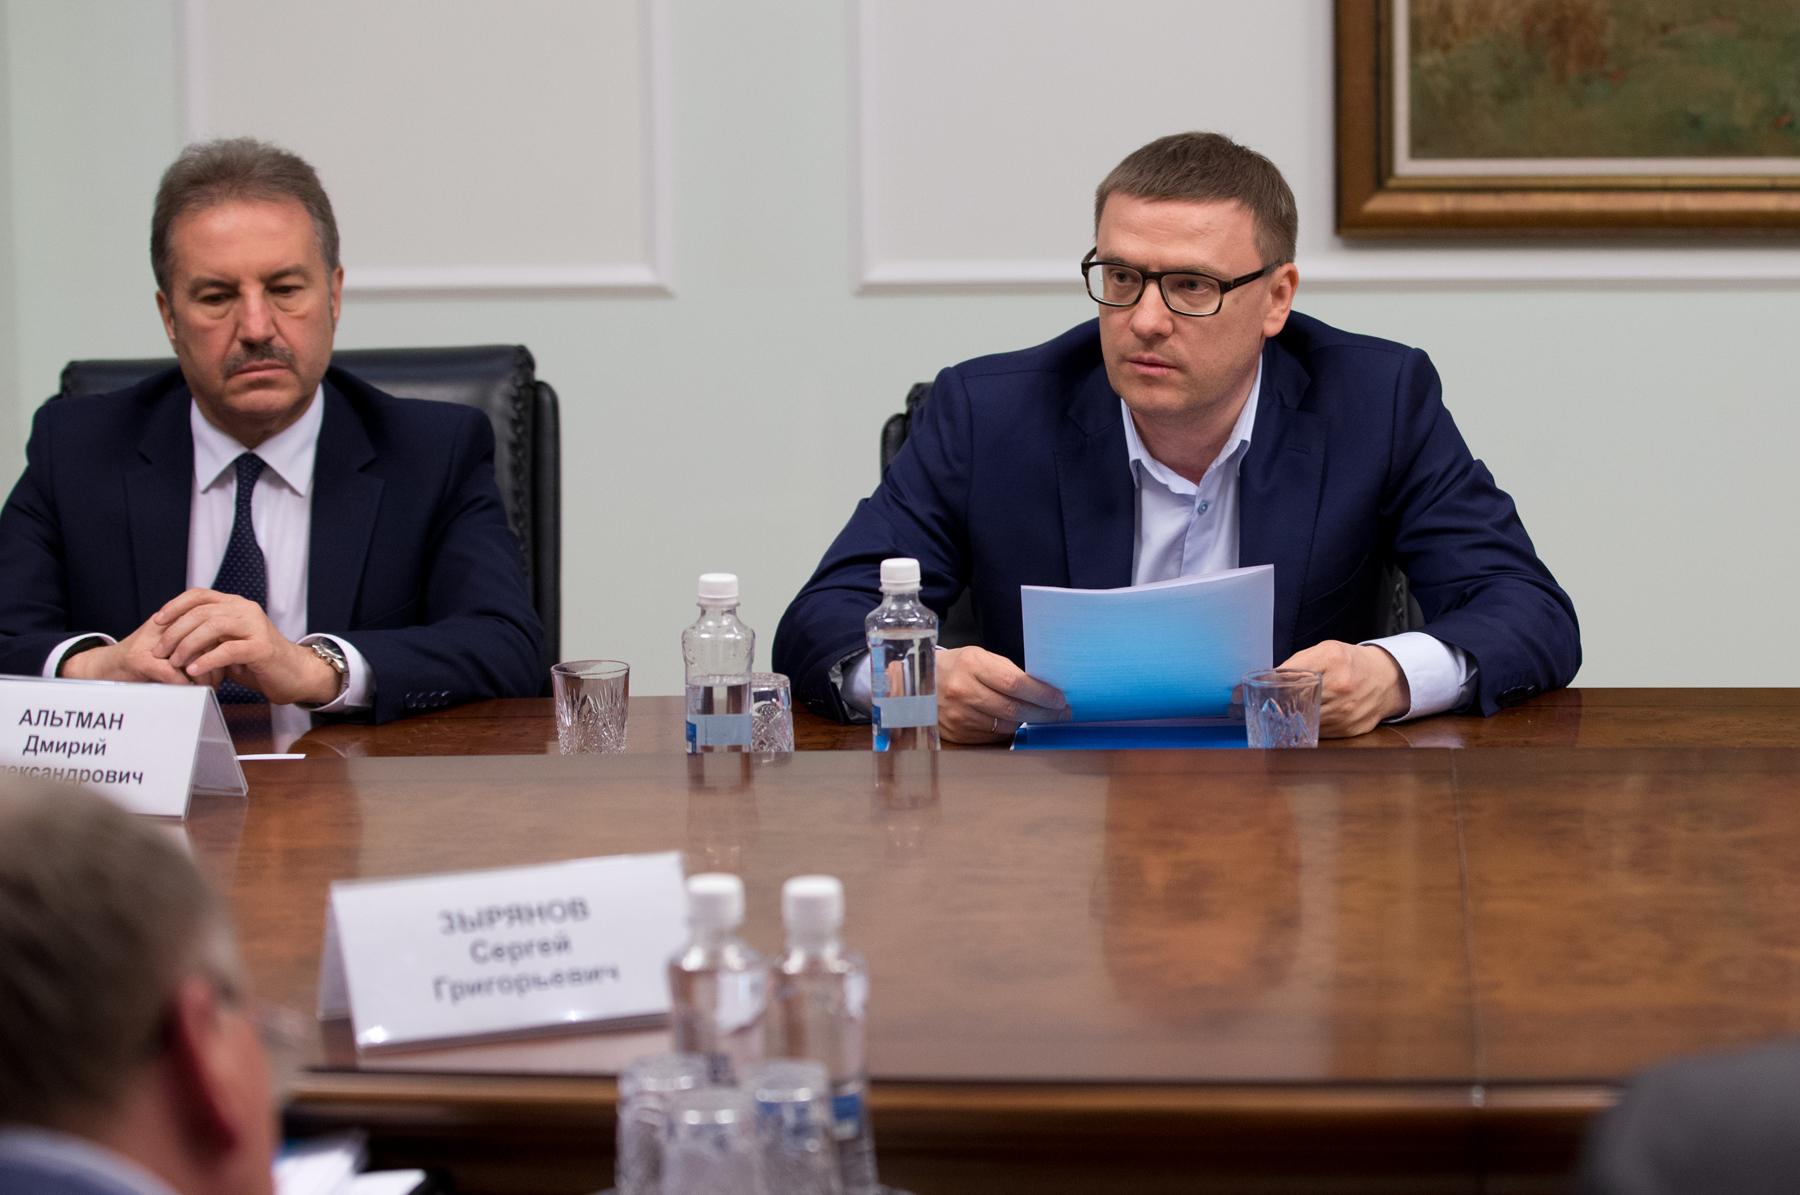 В пятницу, 24 мая, глава региона Алексей Текслер встретился с представителями э